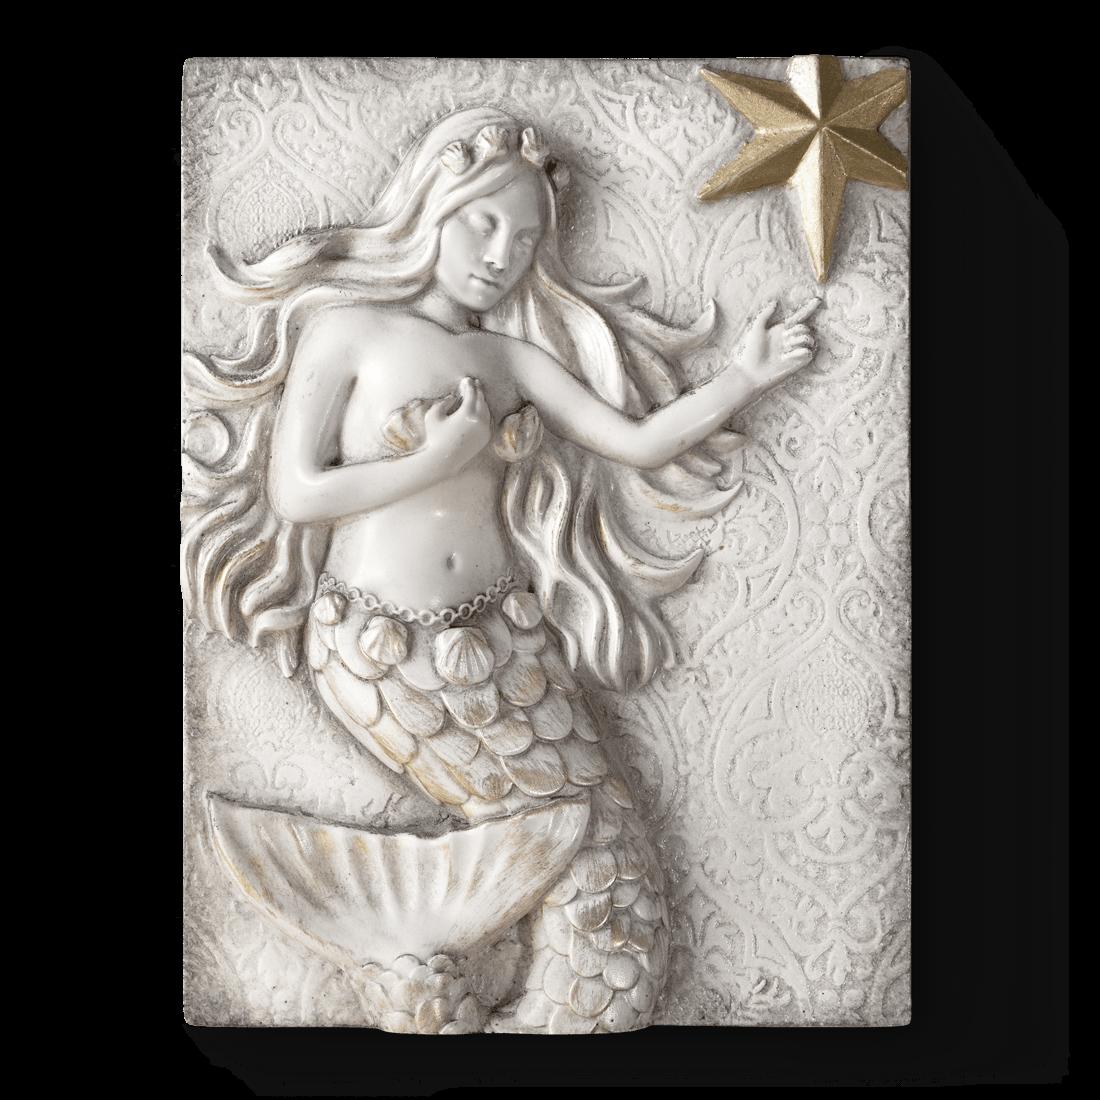 T514 - Mermaid - Memory Block Sid Dickens